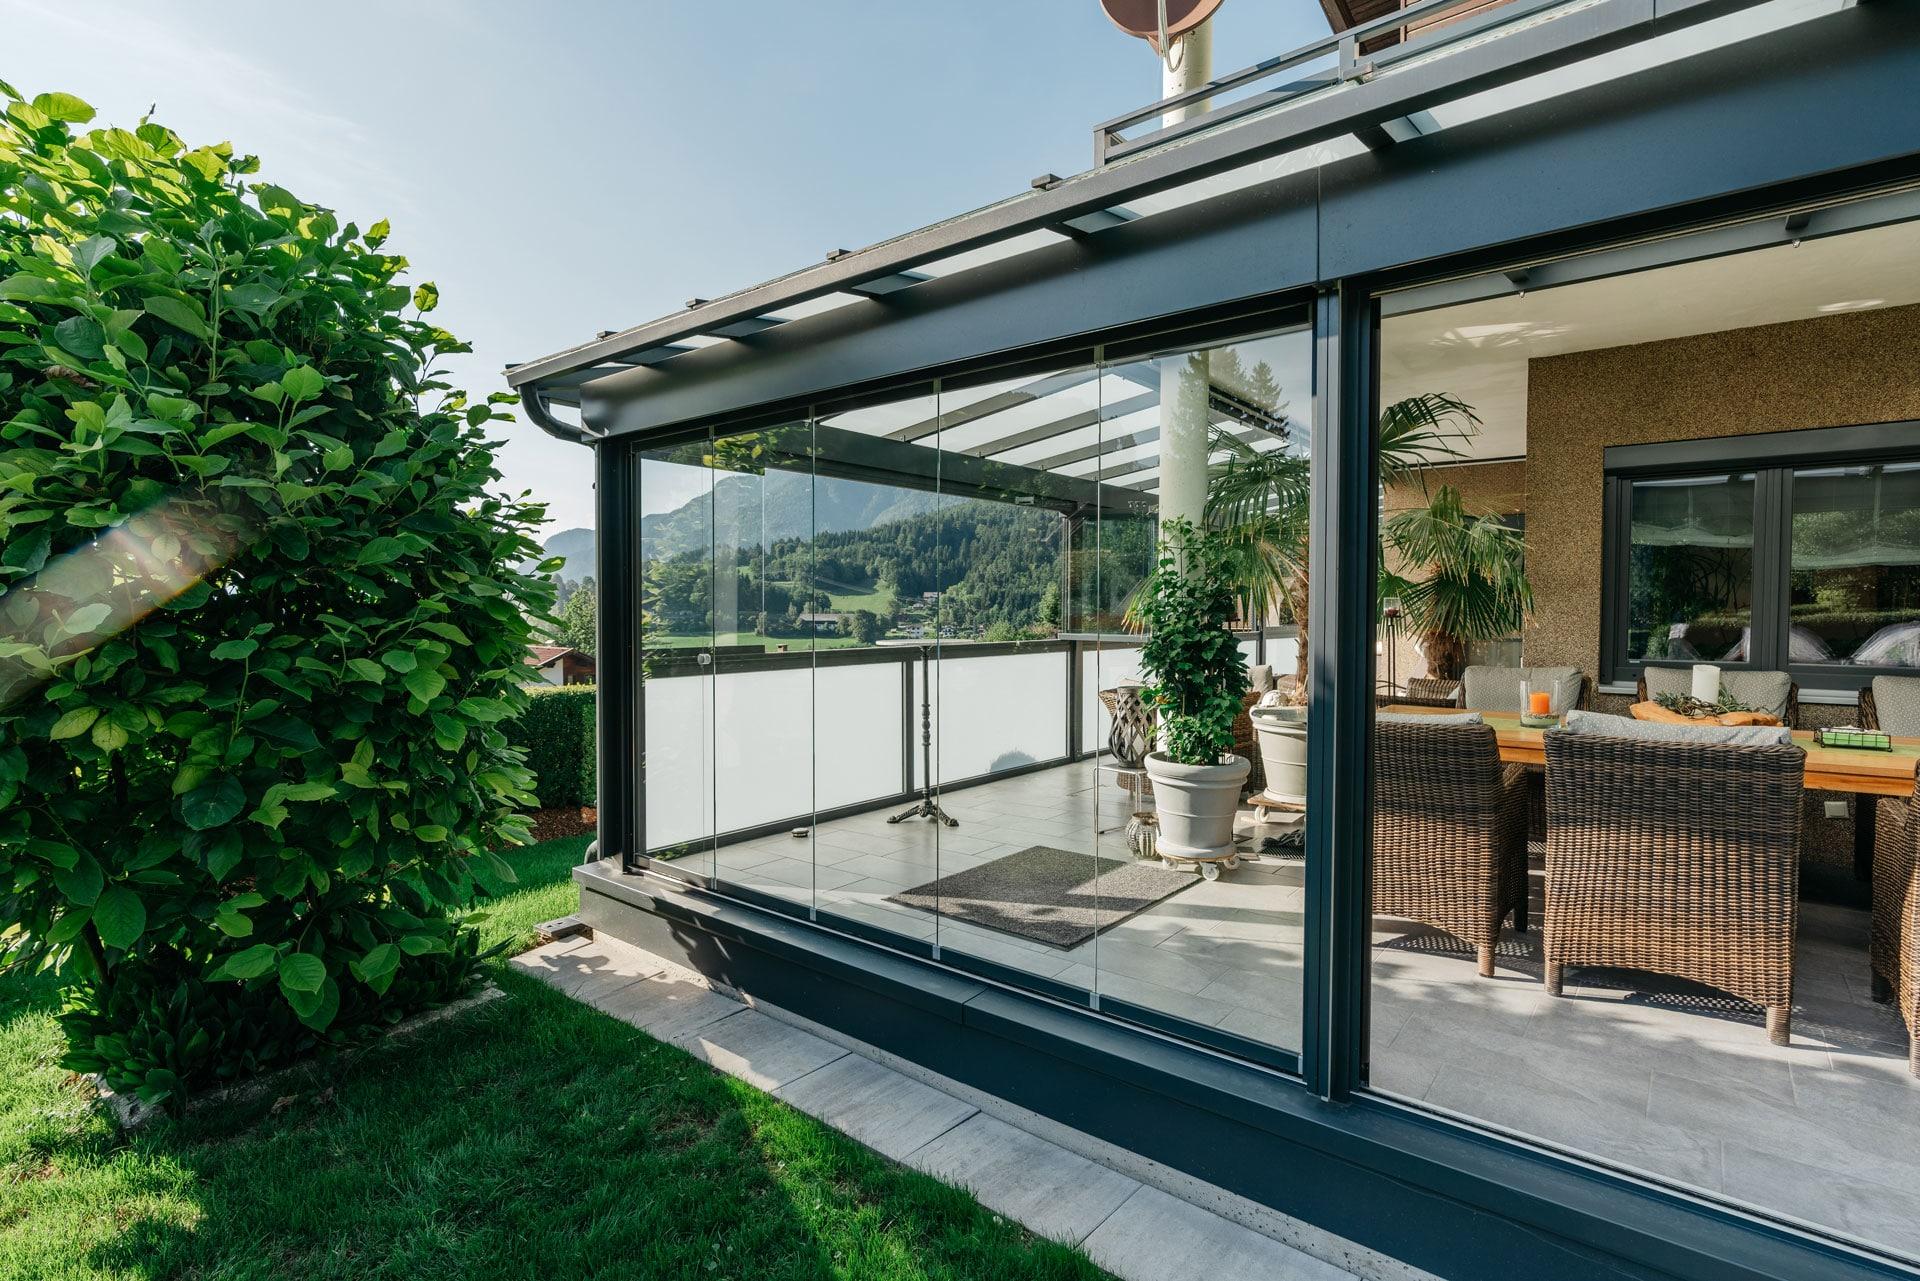 Schiebe-Dreh 14 a | Sommergarten-Terrassendach mit geschlossener Verglasung | Svoboda Metalltechnik